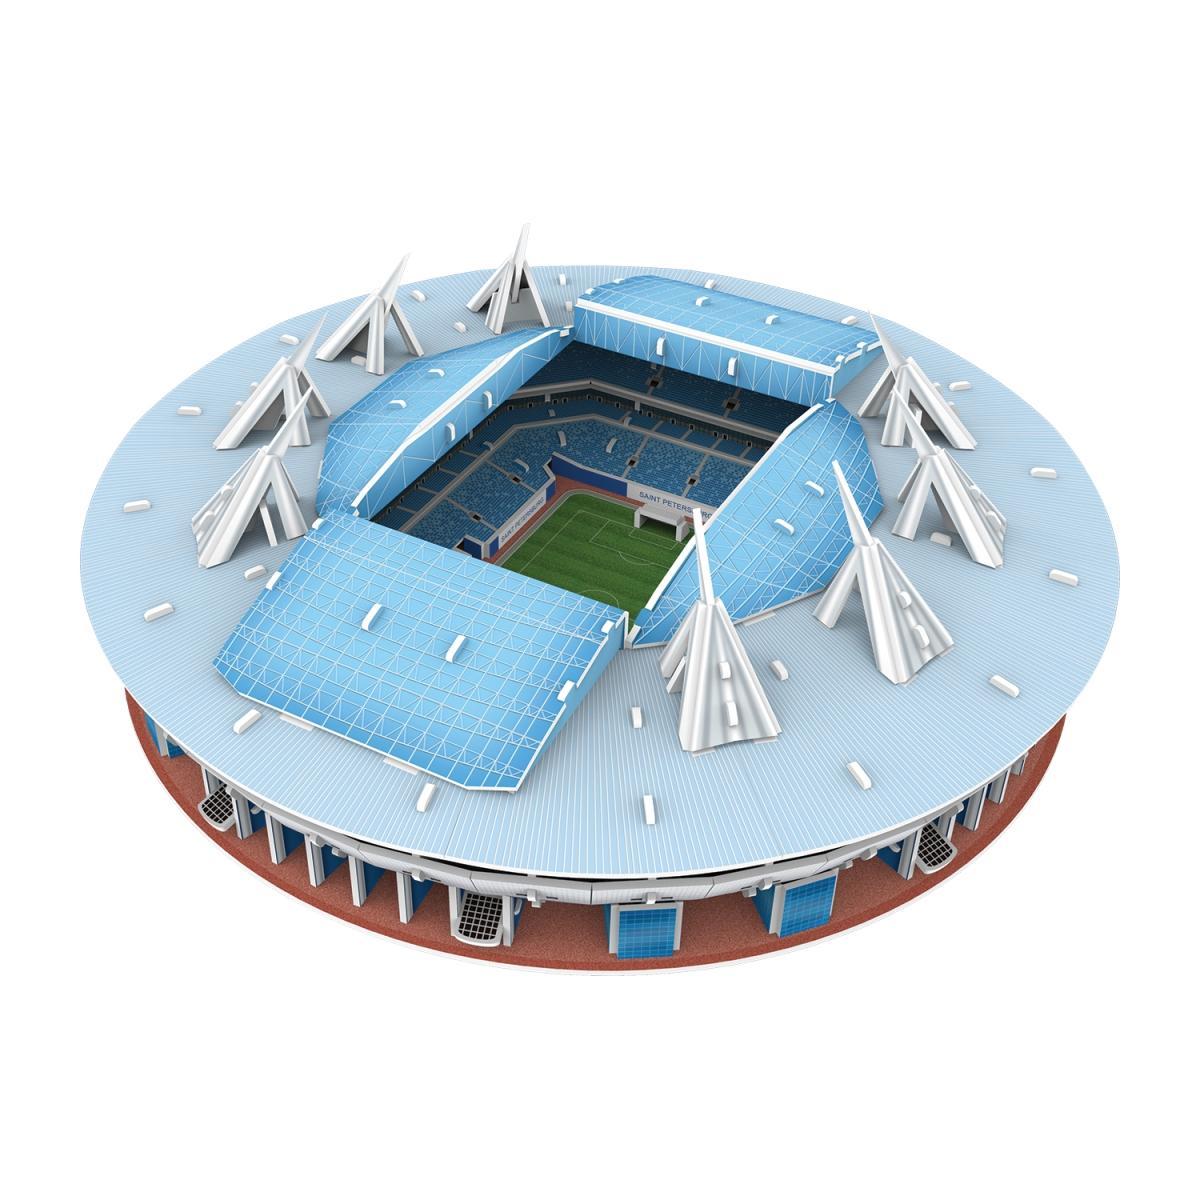 b514fa528d18 3d пазл IQ 3D PUZZLE 16551 Стадион Санкт-Петербург - 16551   детские ...